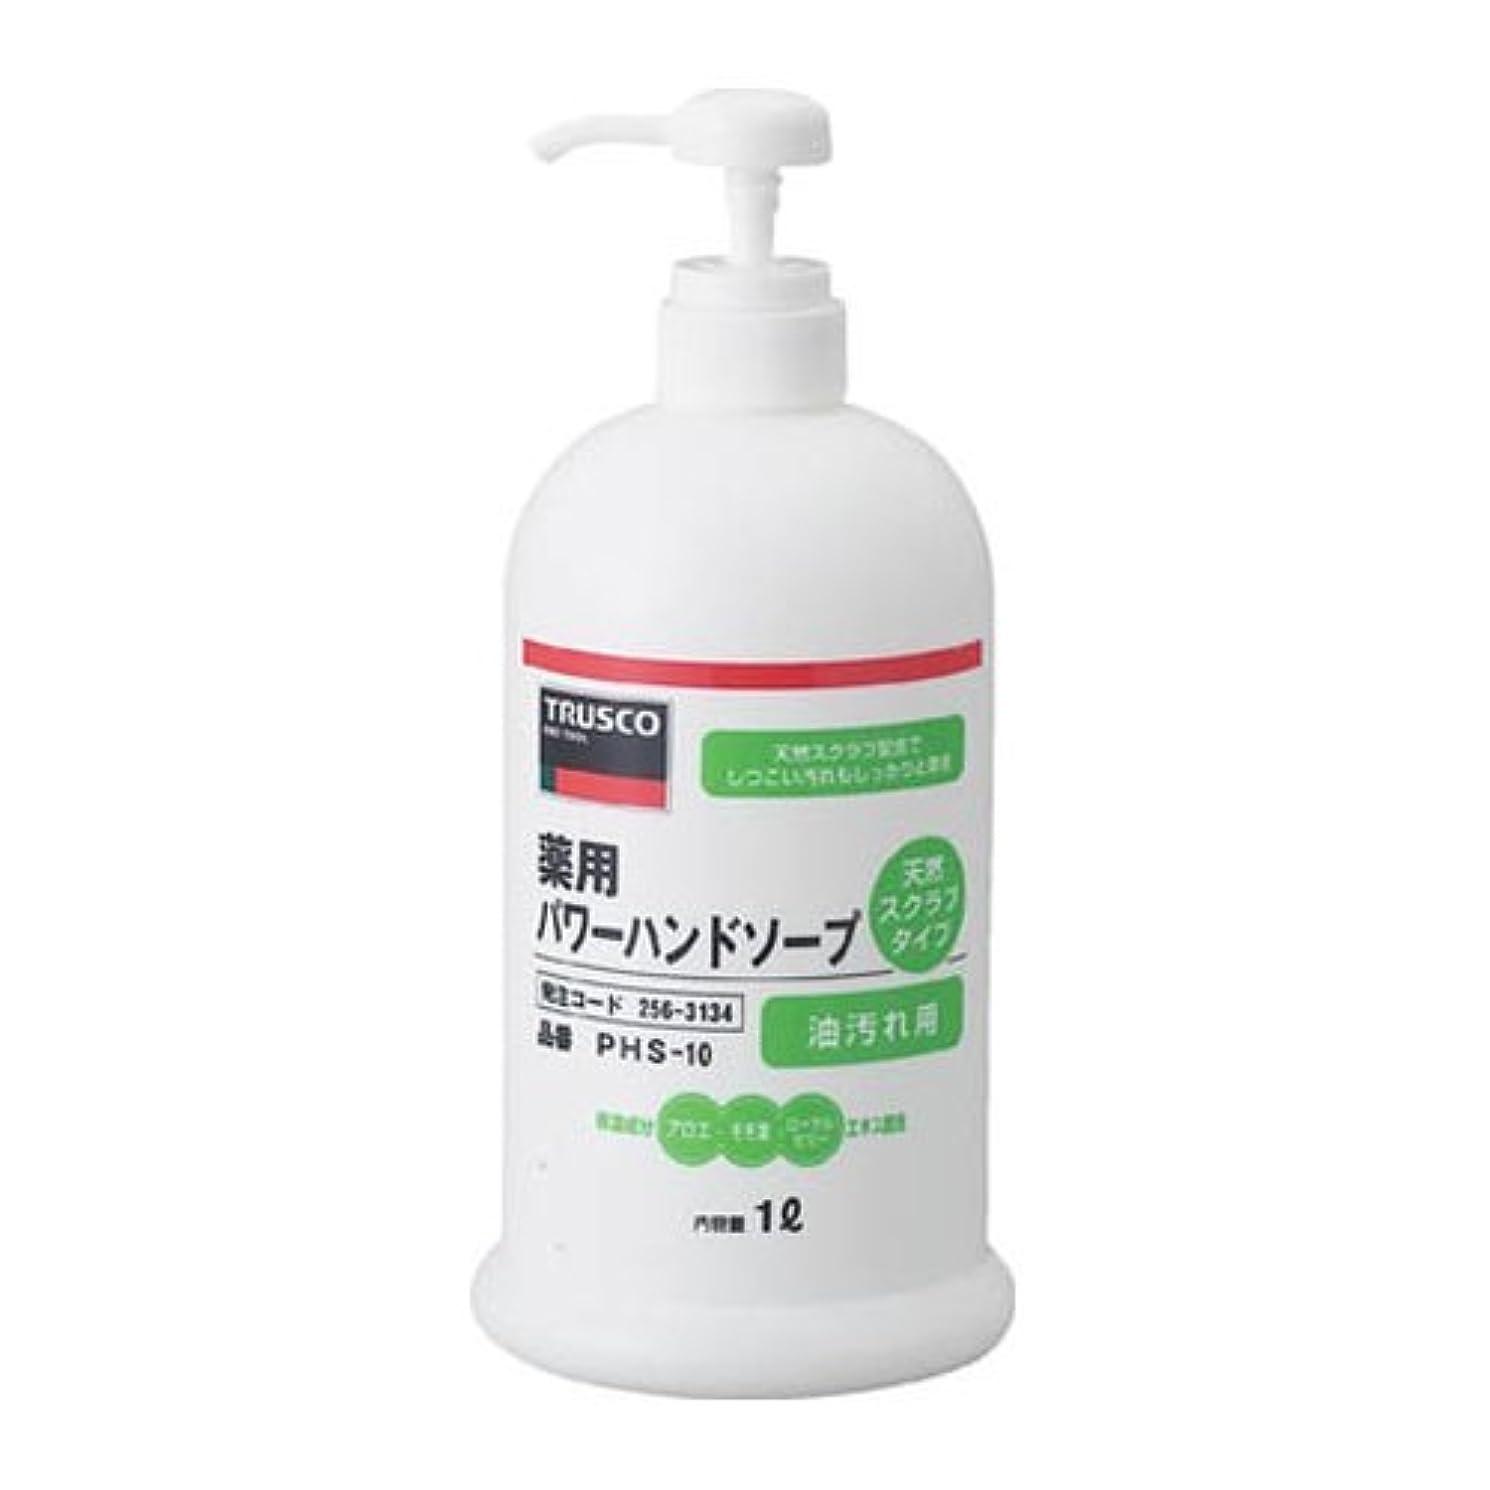 発送スイス人する必要があるTRUSCO 薬用パワーハンドソープポンプボトル1.0L